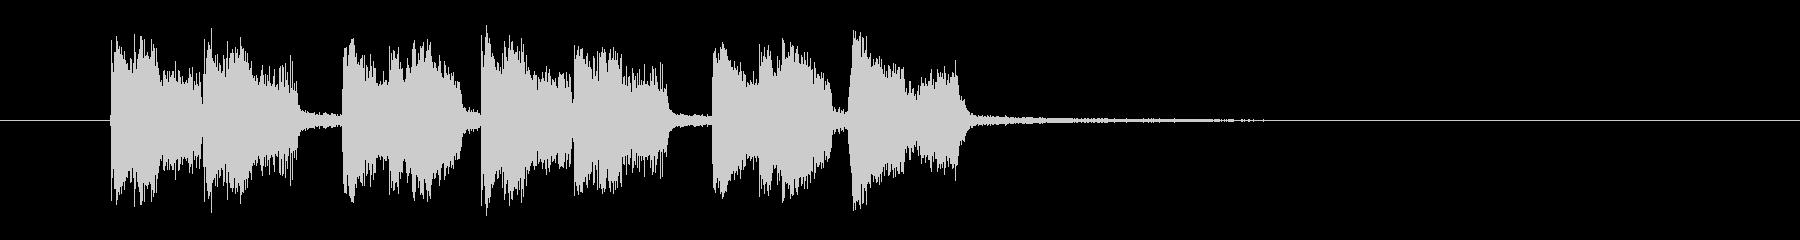 盛大で陽気なトランペットジングルの未再生の波形